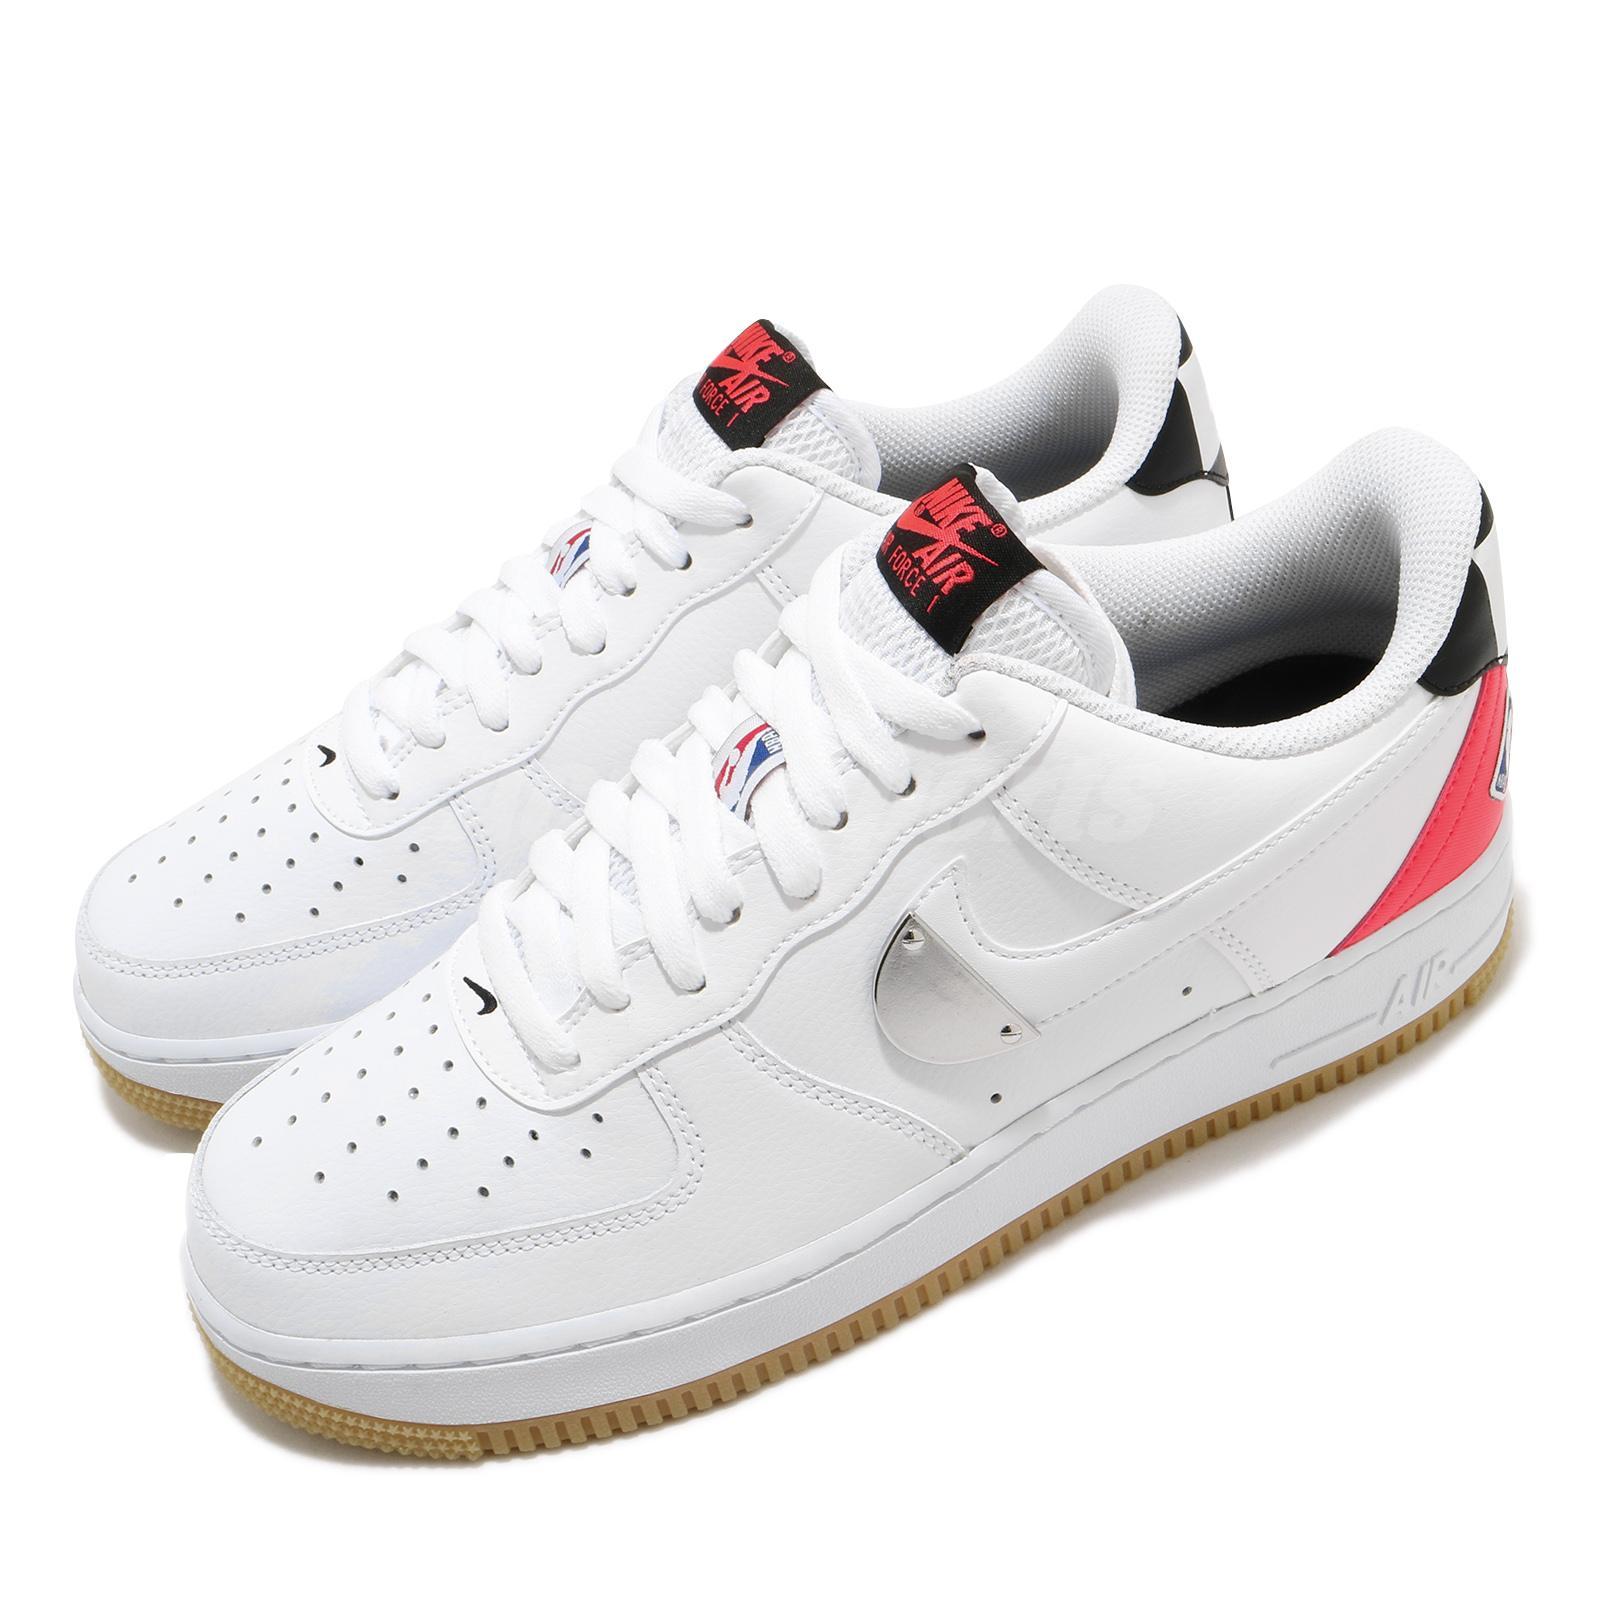 air force 1 nba white